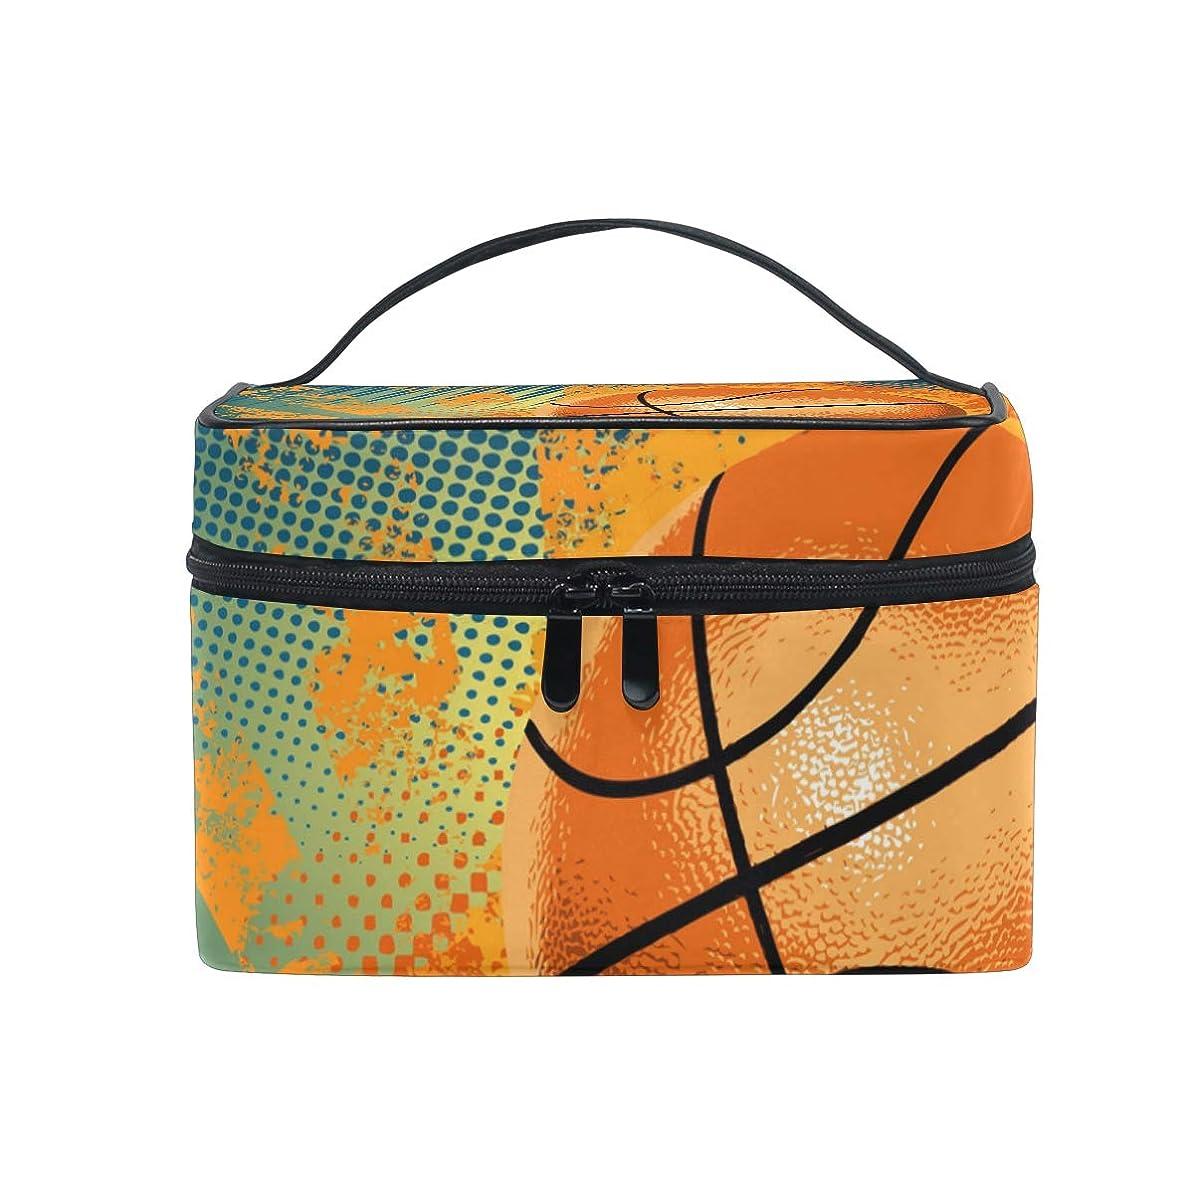 サークル彼七時半アートバスケットボール化粧品 バッグ オーガナイザー ジッパー メイク バッグ ポーチ トイレタリー ケース 女の子 女性用